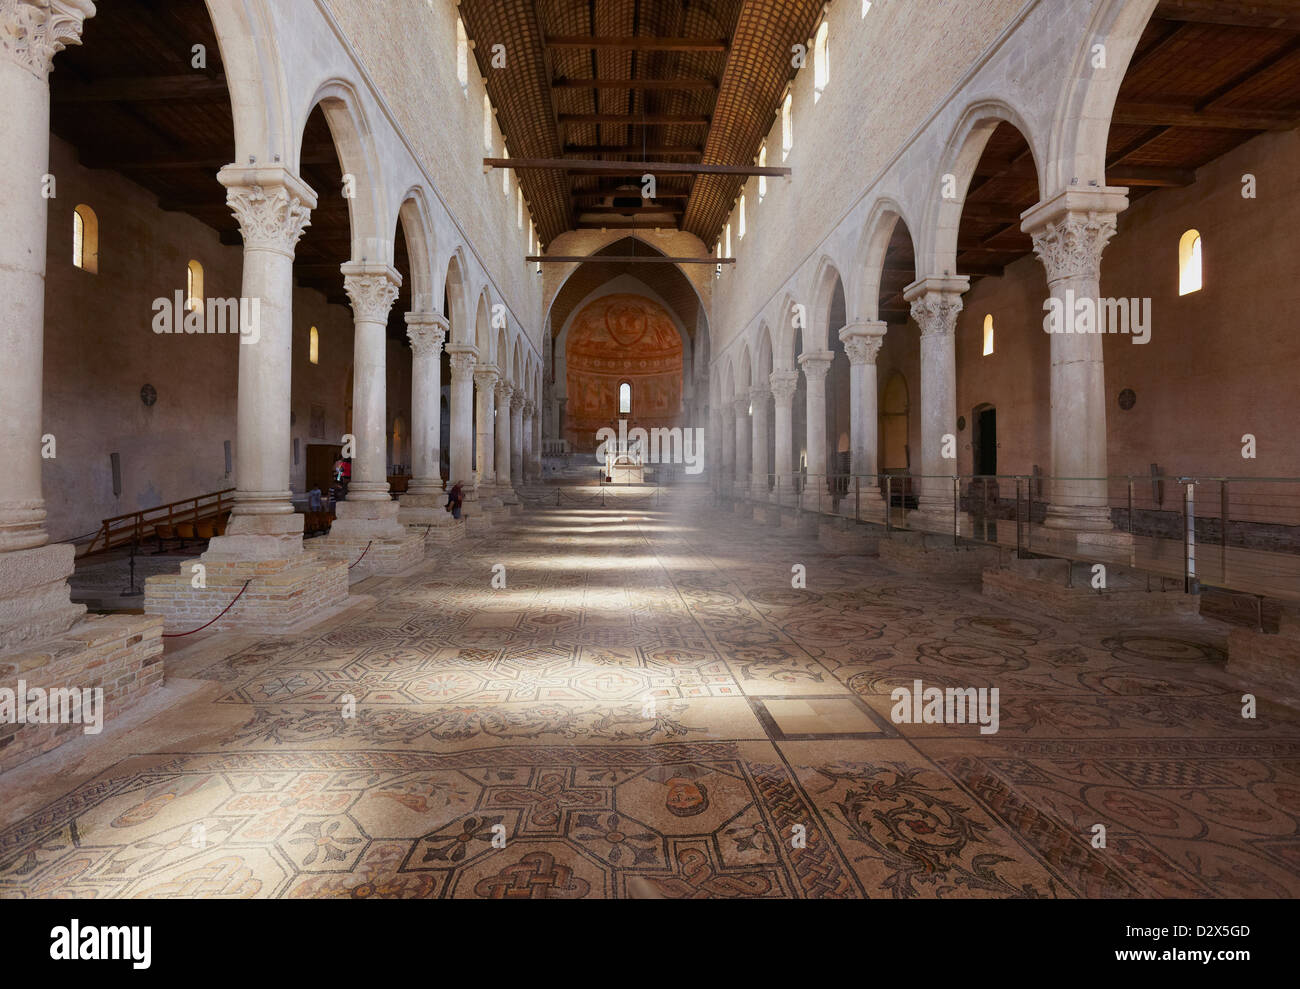 Glimpse of Central Nave of the Basilica of Santa Maria Assunta, Aquileia, Friuli-Venezia Giulia, Italy Stock Photo